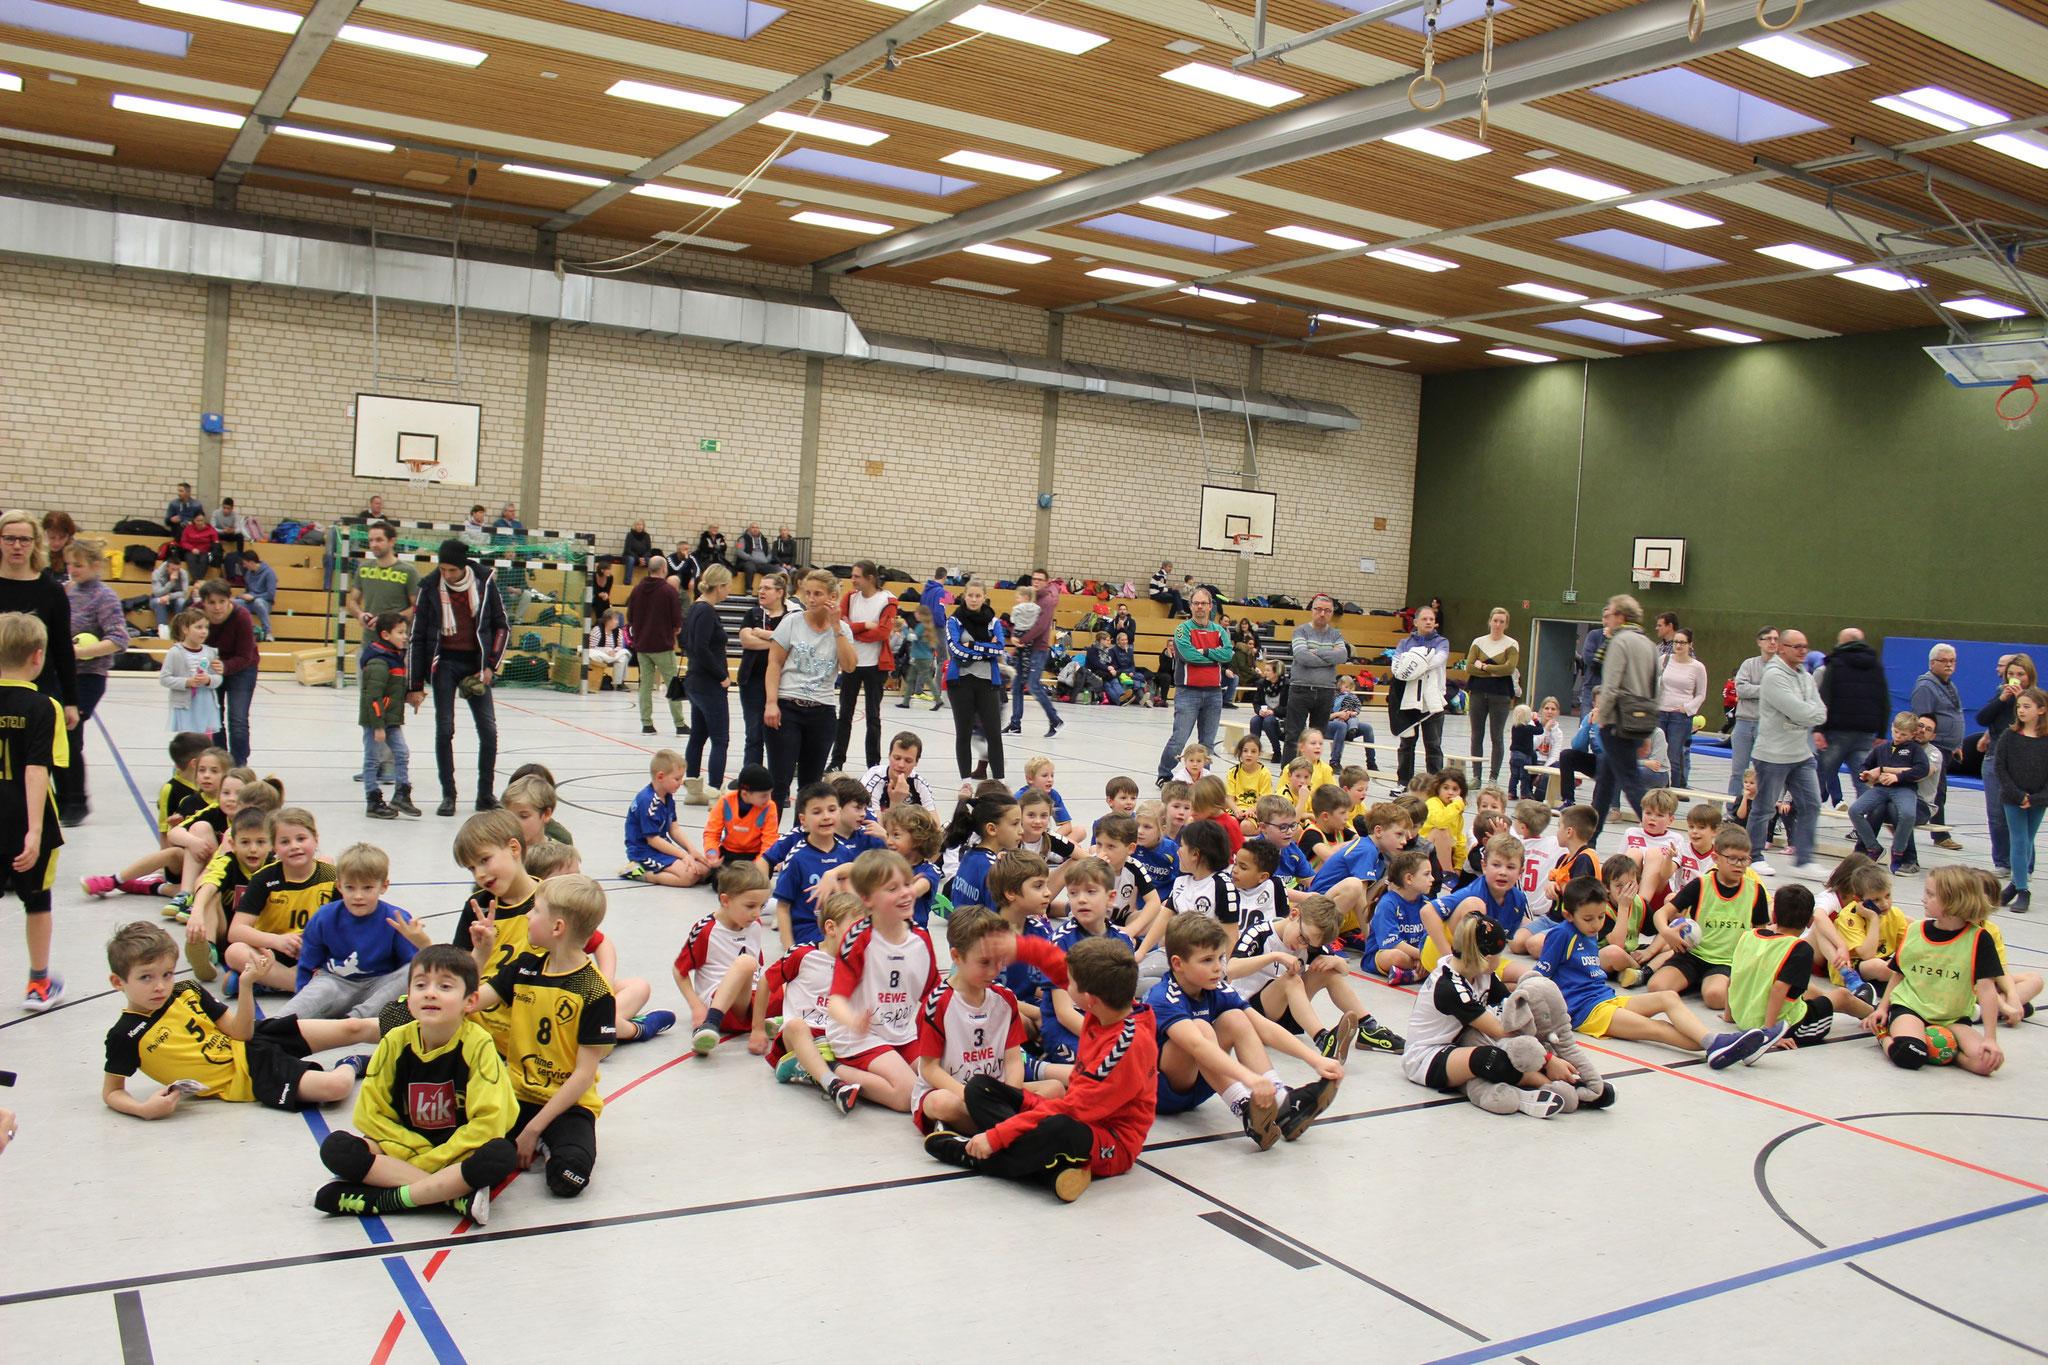 Viele handballbegeisterte Kinder in Renninhausen beim Turnier